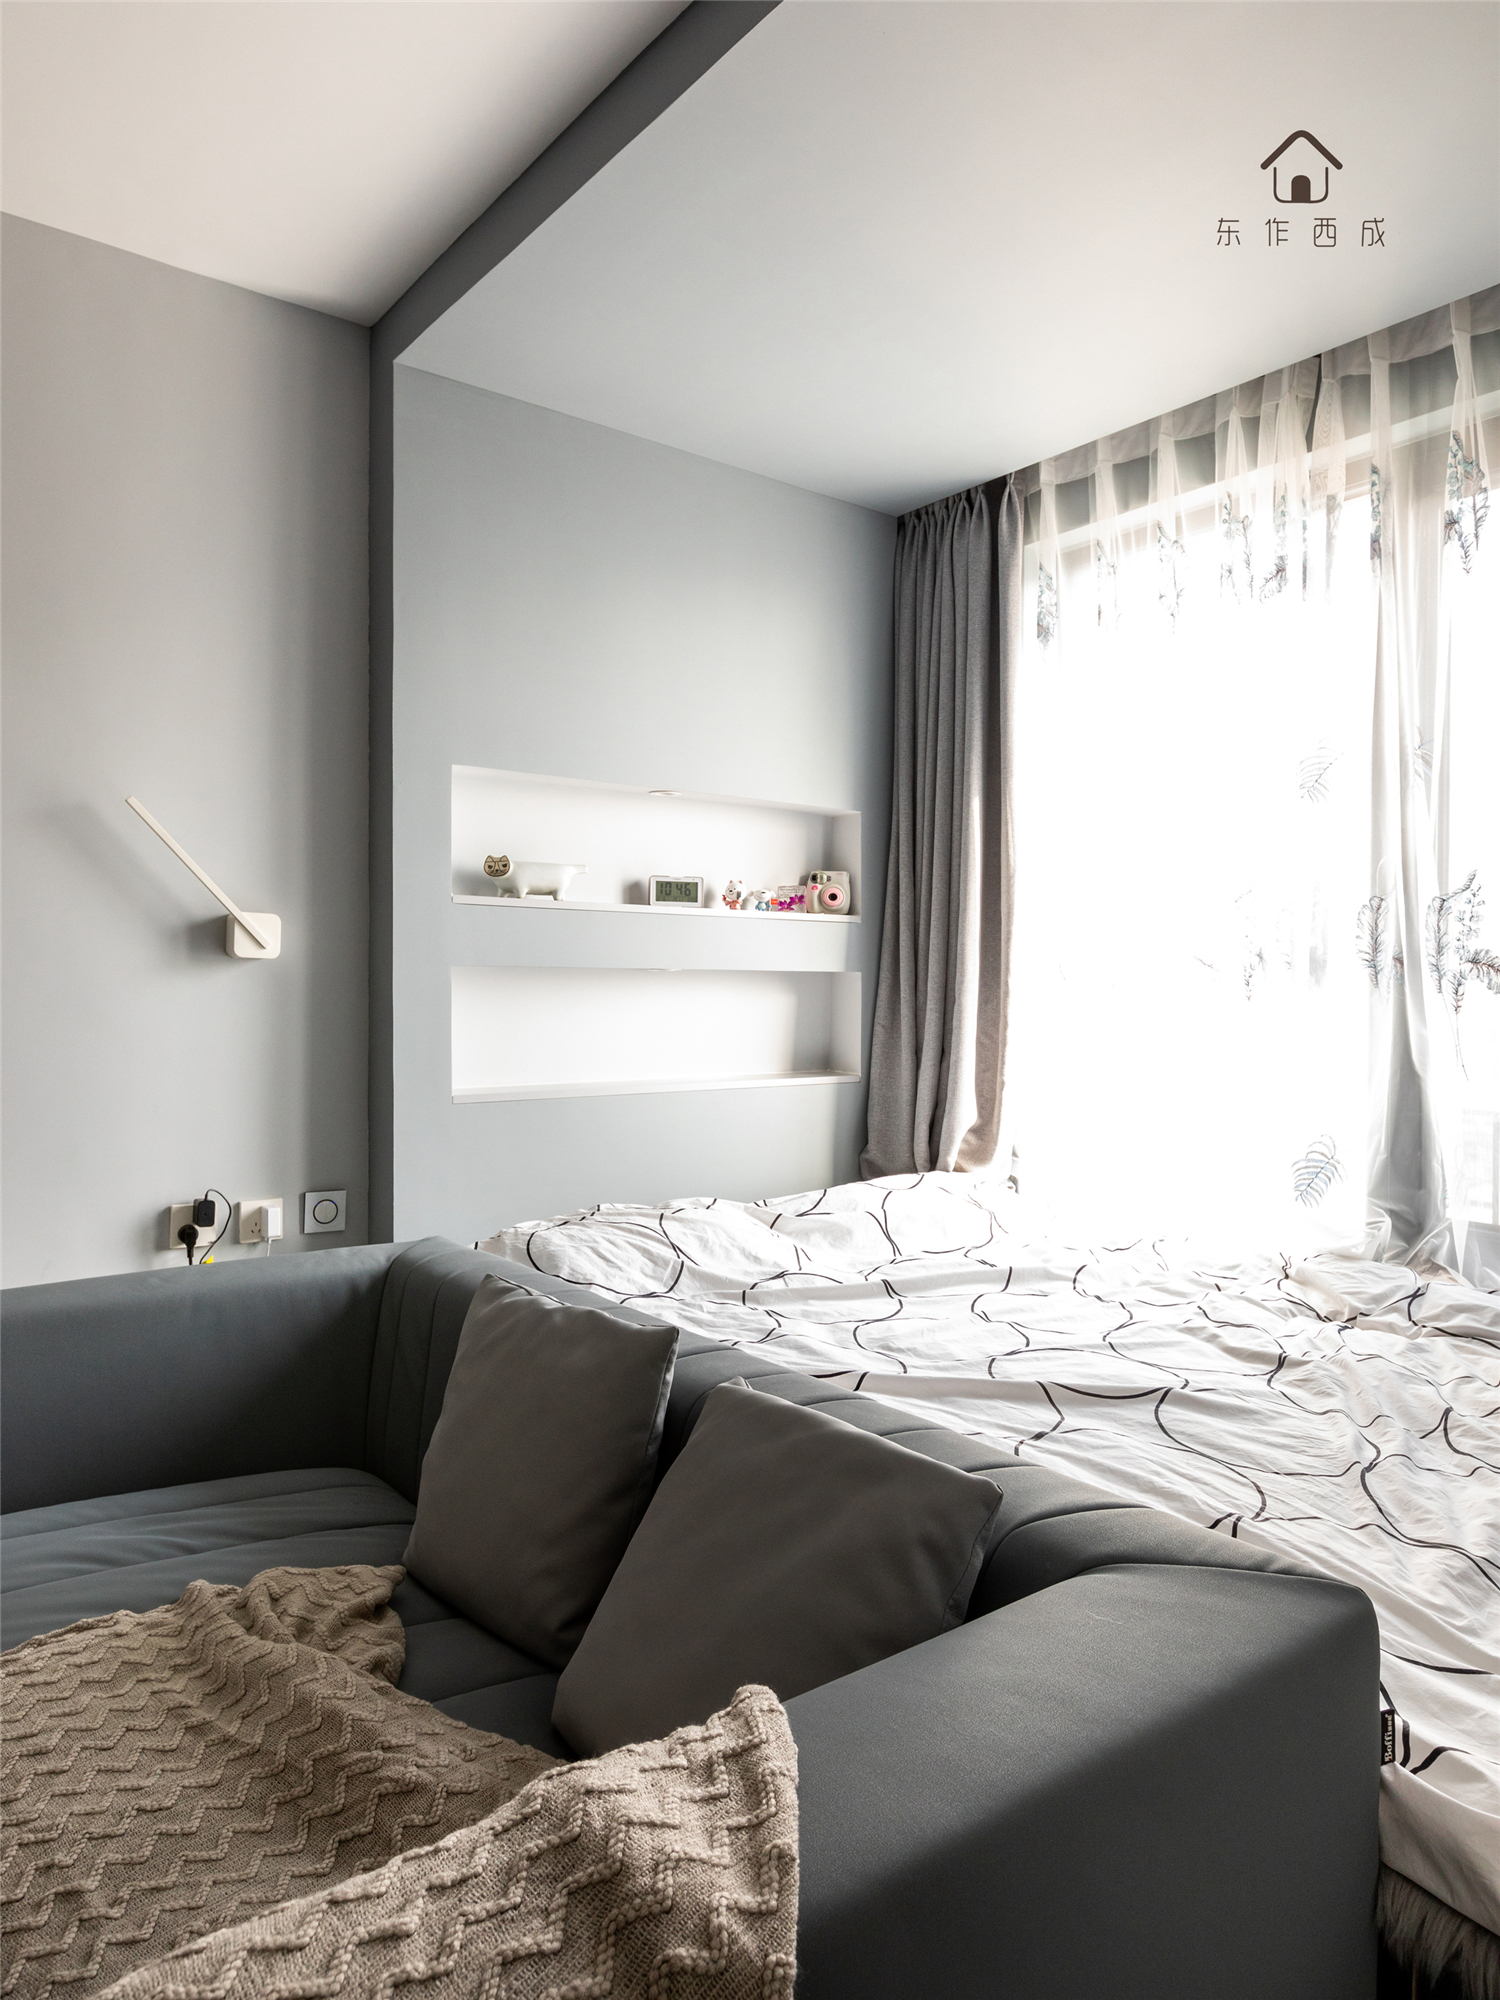 60㎡现代一居室装修榻榻米床设计